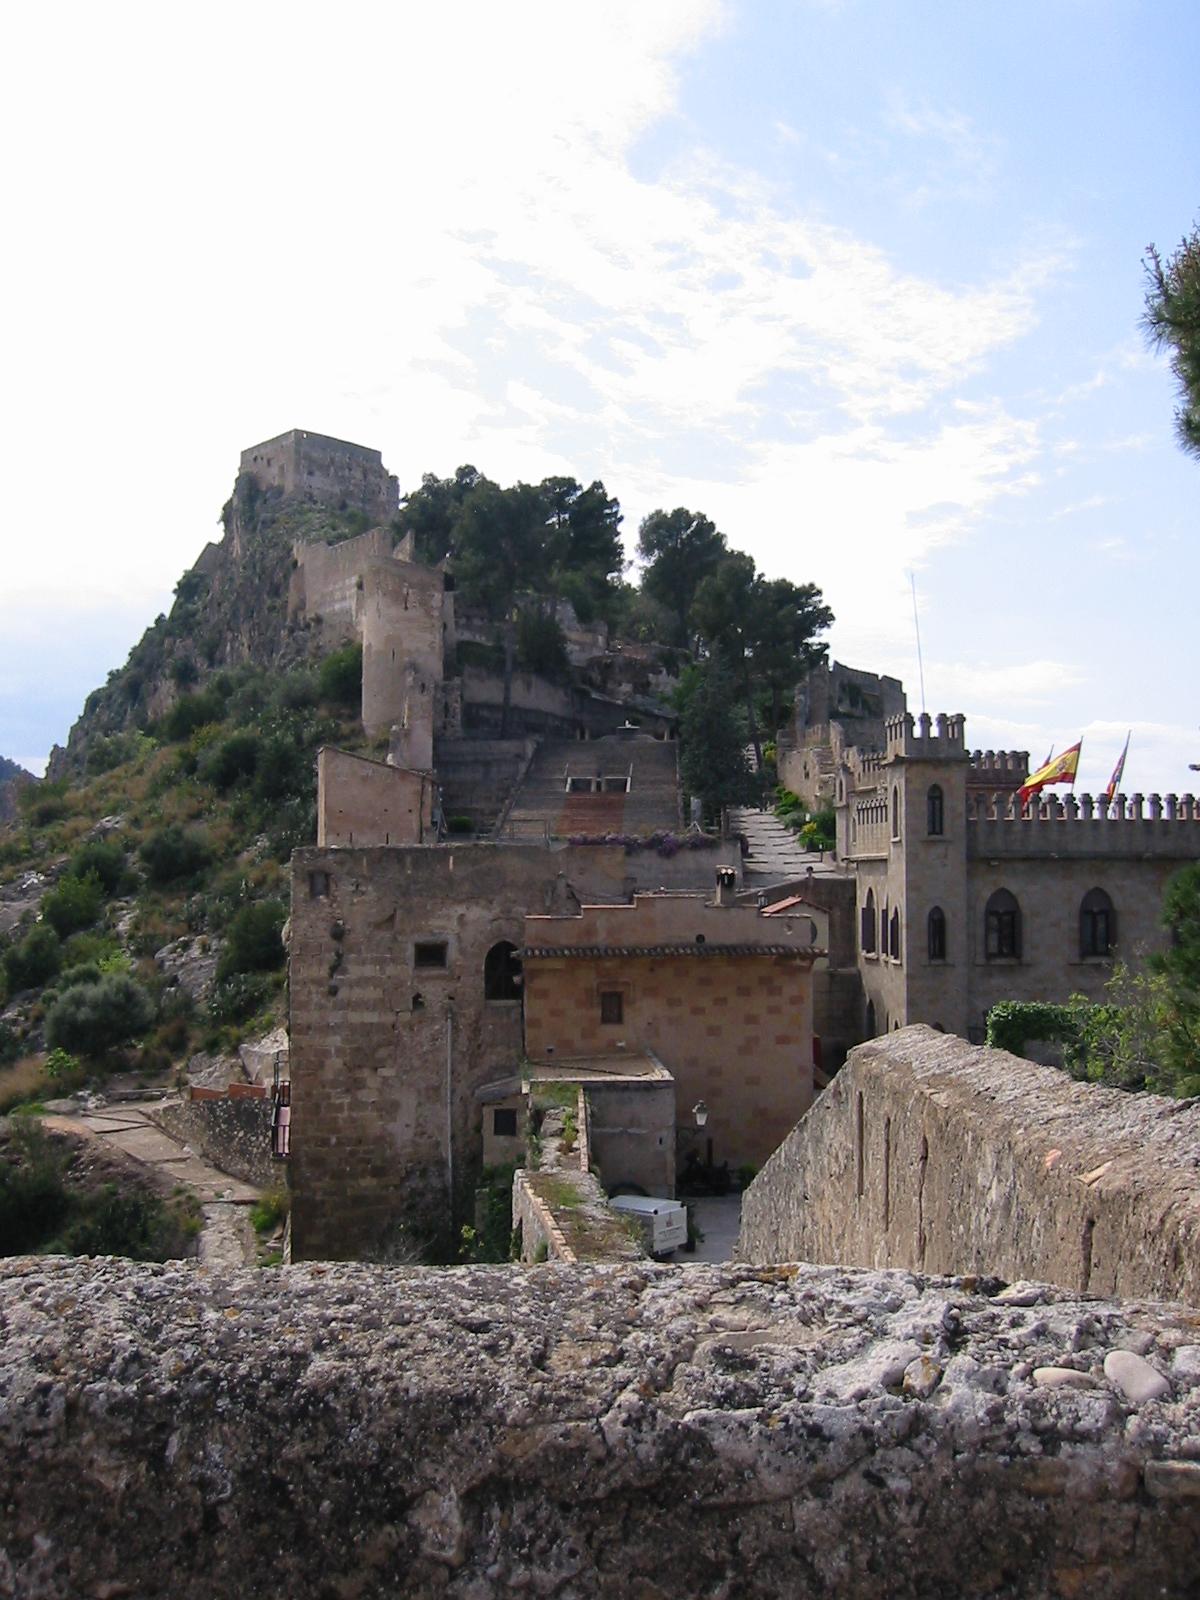 Castillo y conjunto monumental de Játiva - Wikipedia, la enciclopedia libre